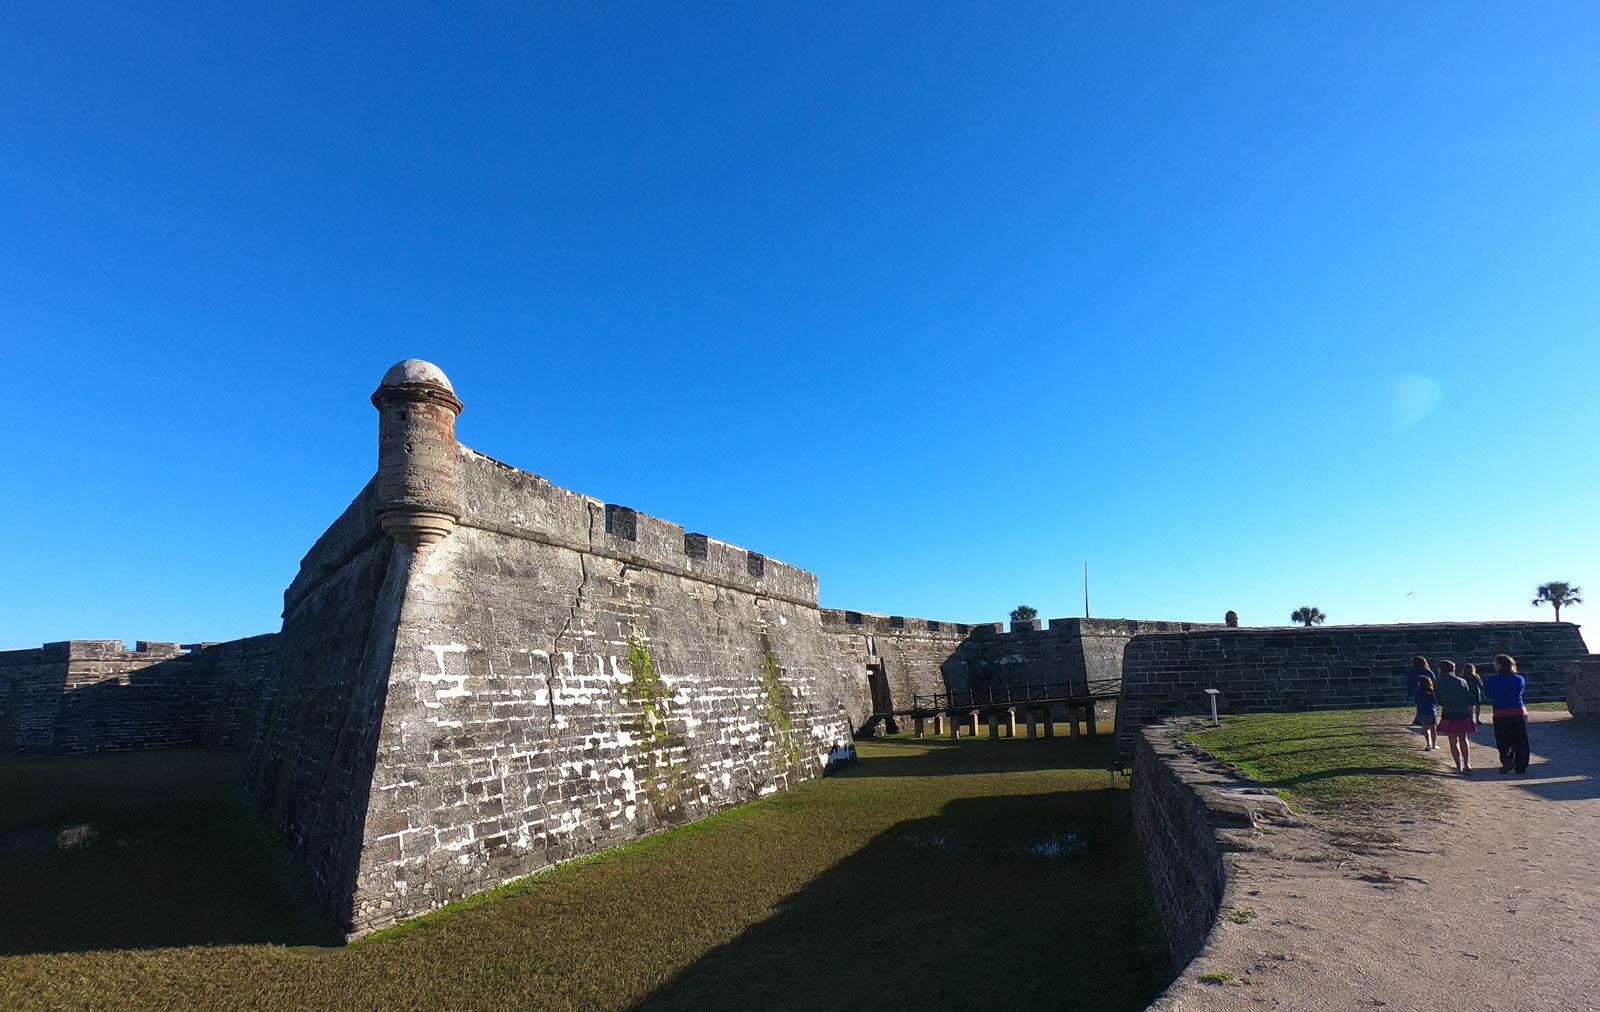 Castillo de San Marcos National Monument in Saint Augustine, Florida